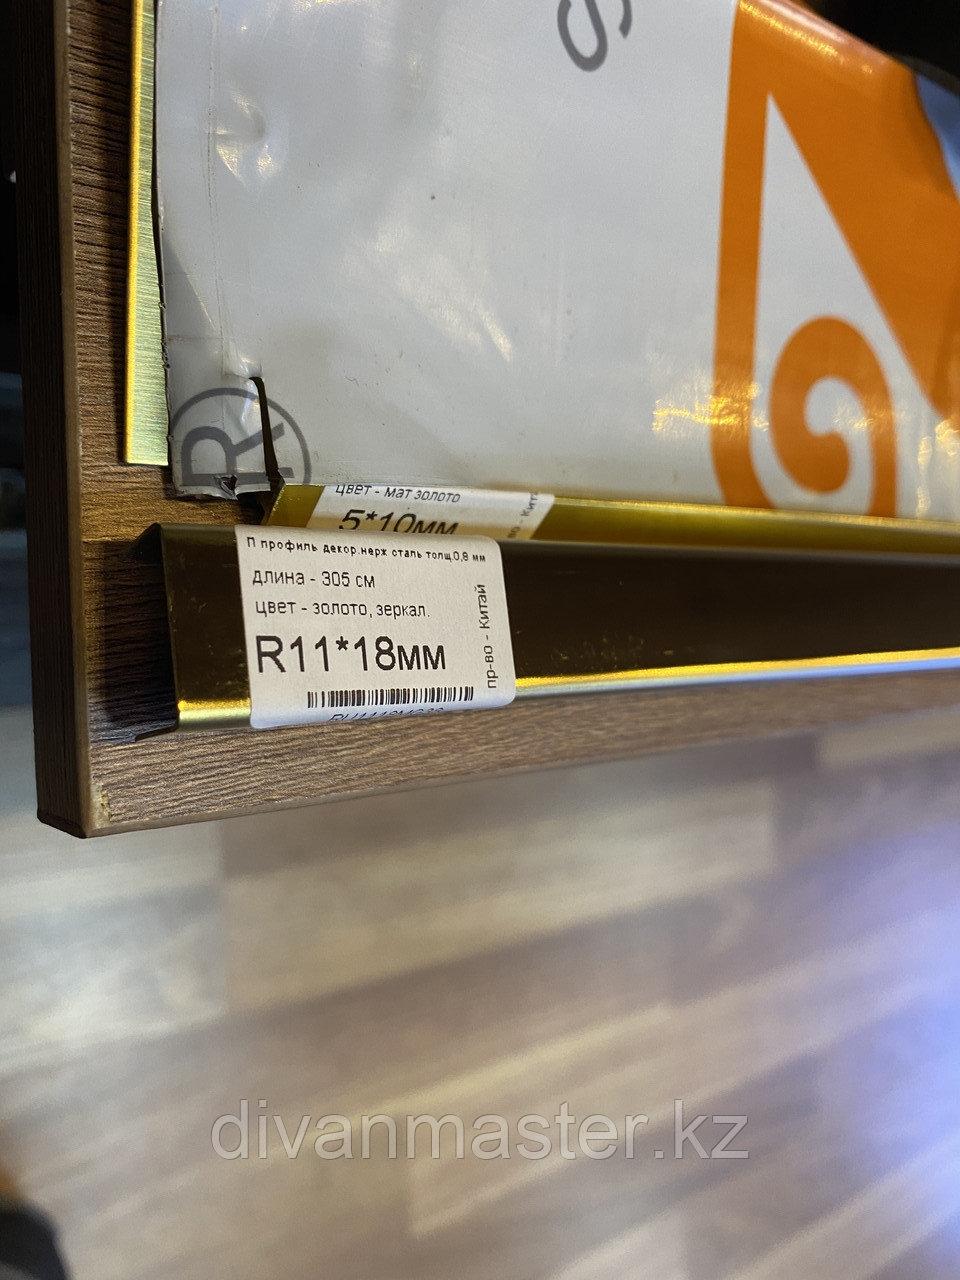 11*18, зерк.золотой - Профиль для декорирования мебели, 305 см, скругленный